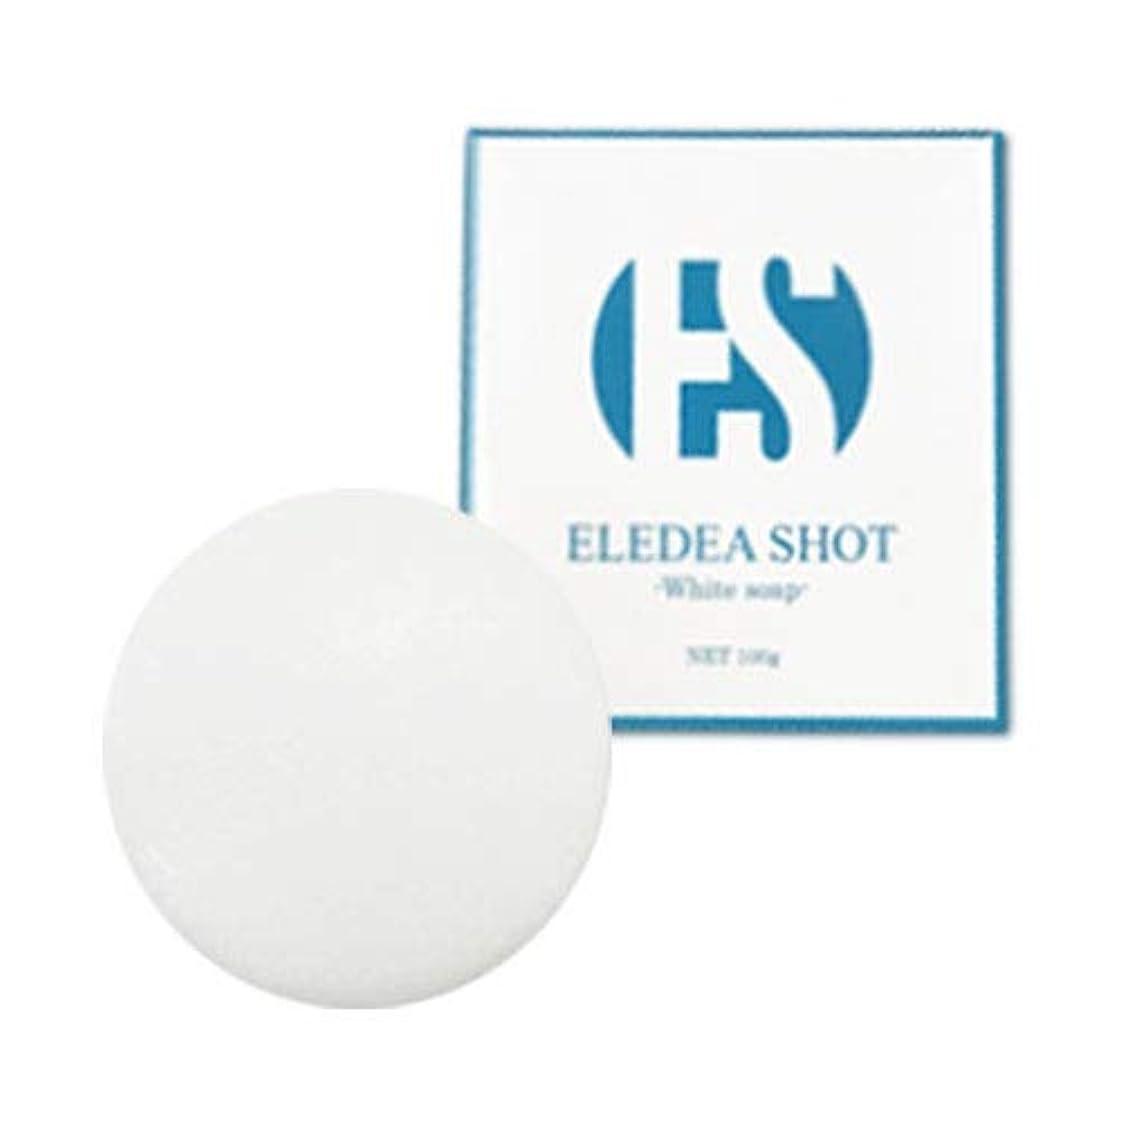 重要な訴える一掃するエレディアショット ホワイトソープ ELEDEA SHOT -white soap- / 石けん ソープ シミ そばかす 洗顔 肌 スキンケア